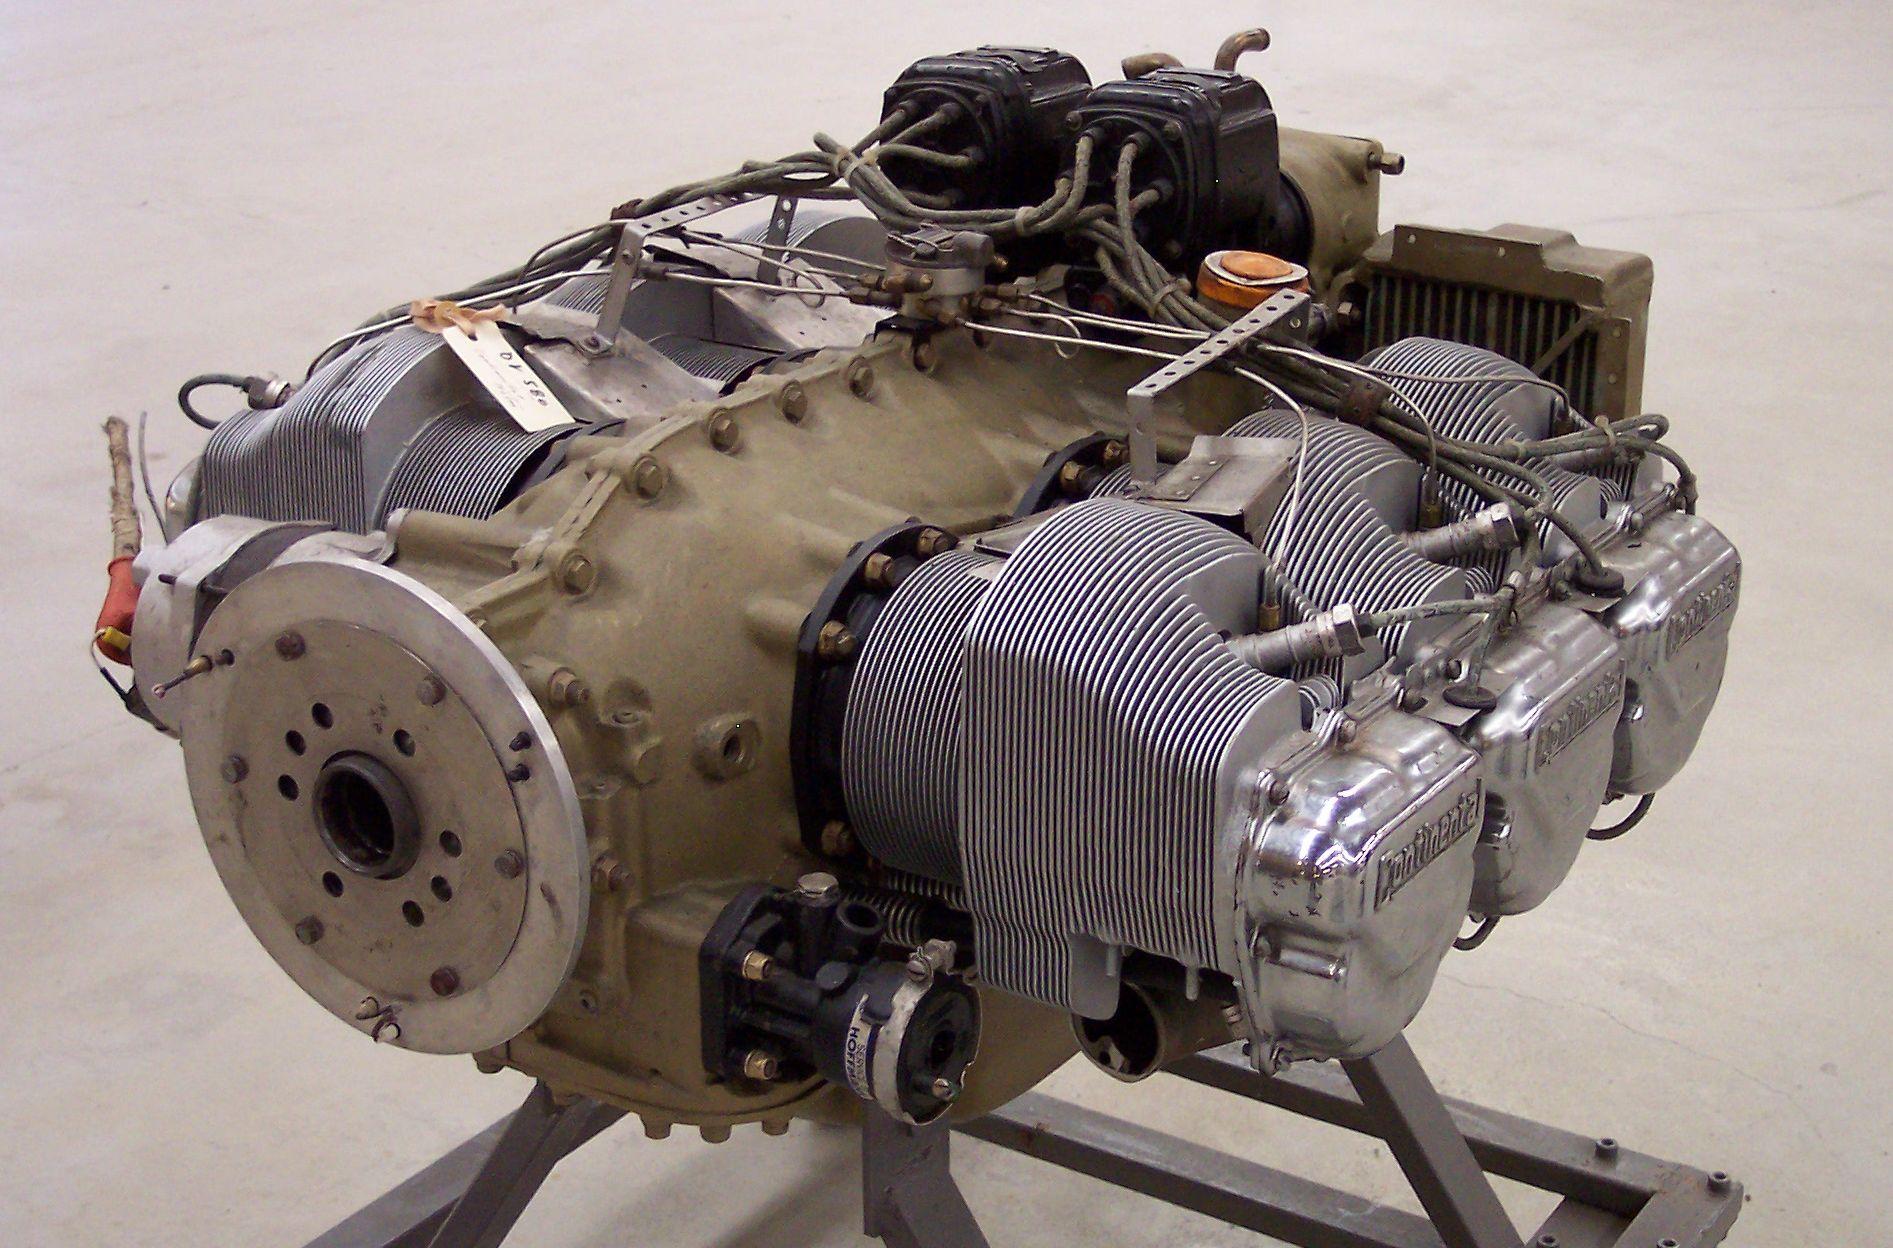 porsche 3 6 engine diagram schematics wiring diagrams u2022 rh  seniorlivinguniversity co Flat 6 Cylinder Flat